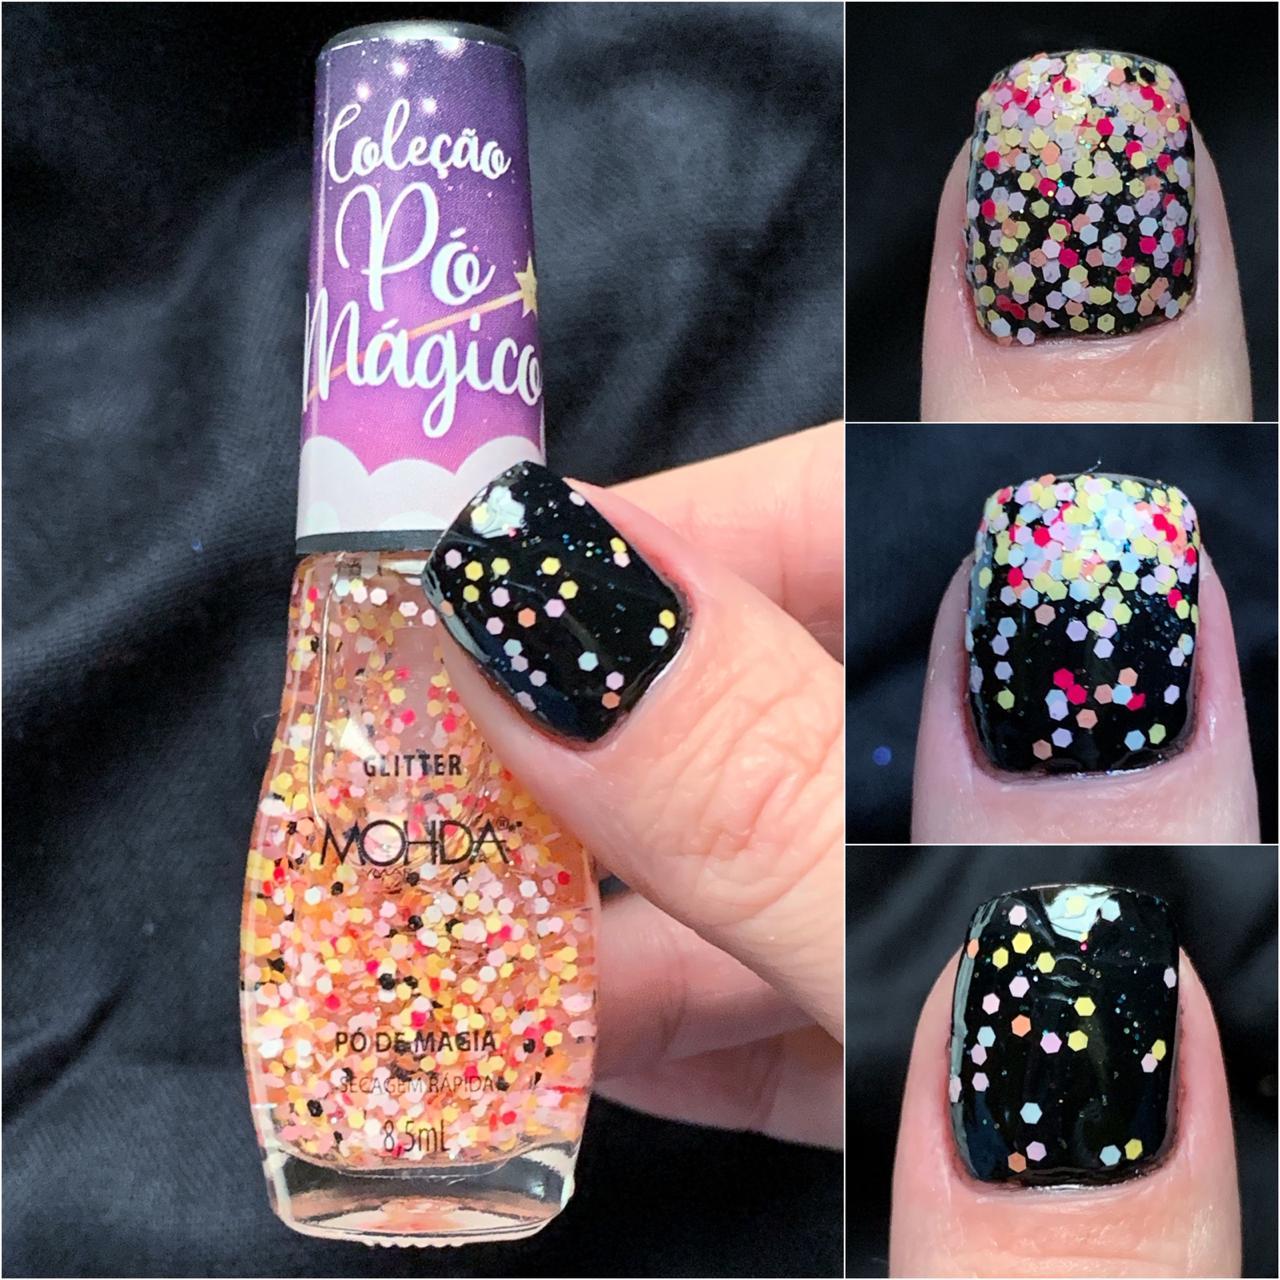 Esmalte Mohda Glitter - Pó de Magia  - E-Mohda